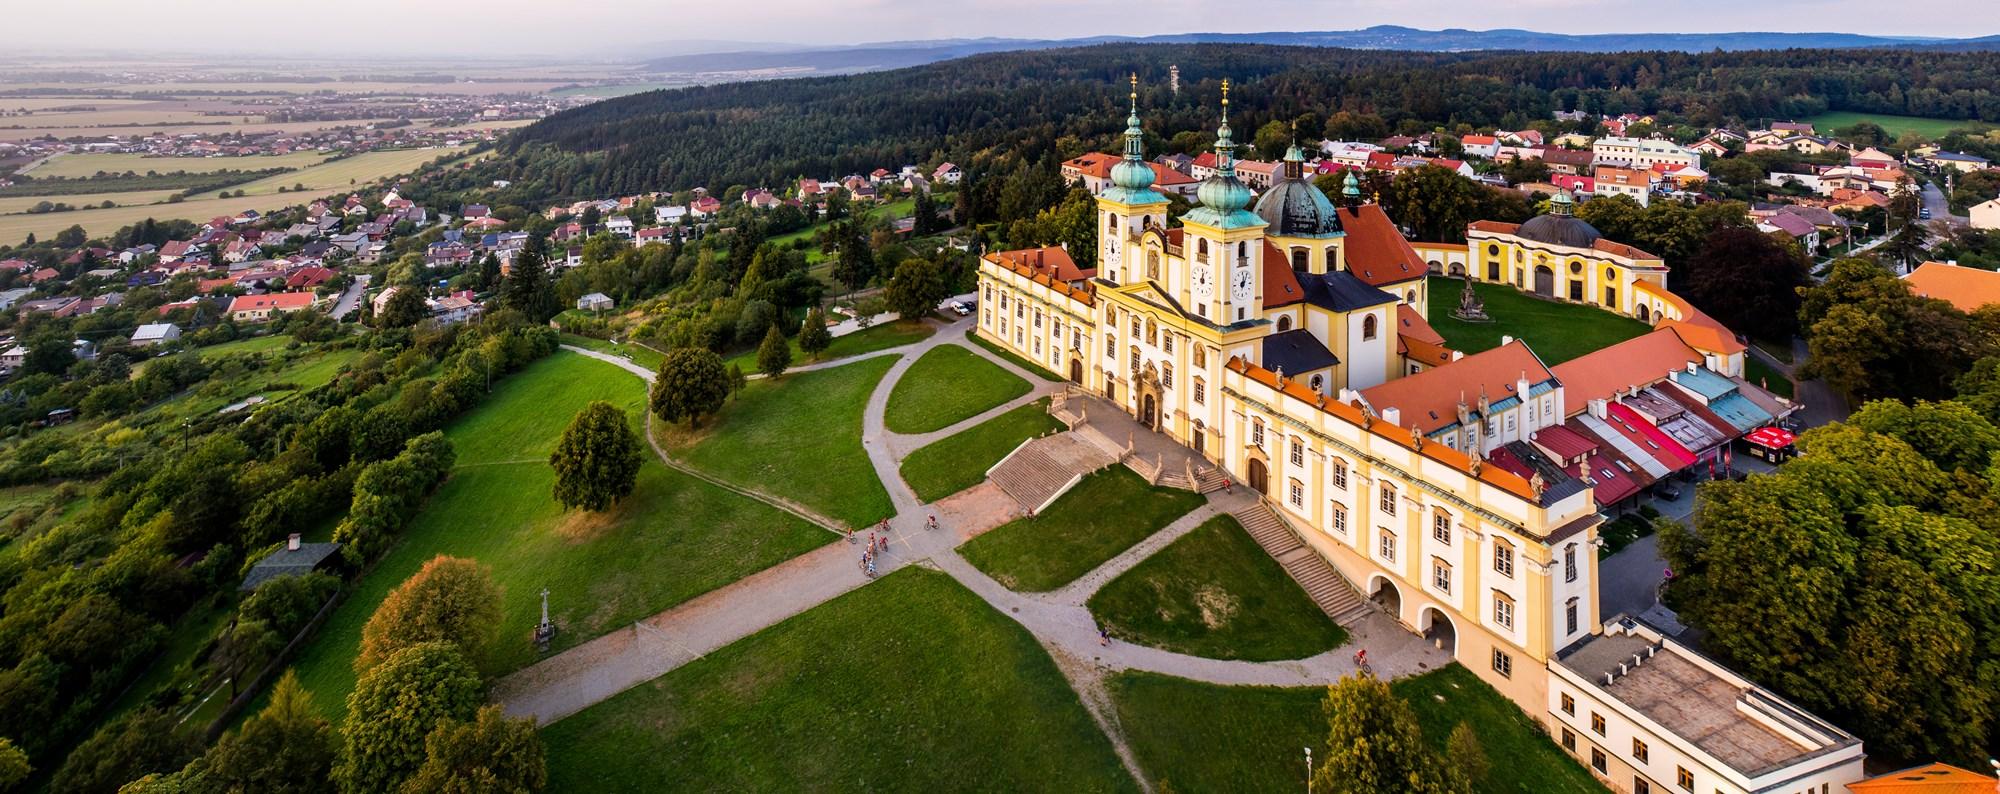 Deutsche Urlauber mögen Tschechien immer mehr. Was sind die Highlights der kommenden Saison?